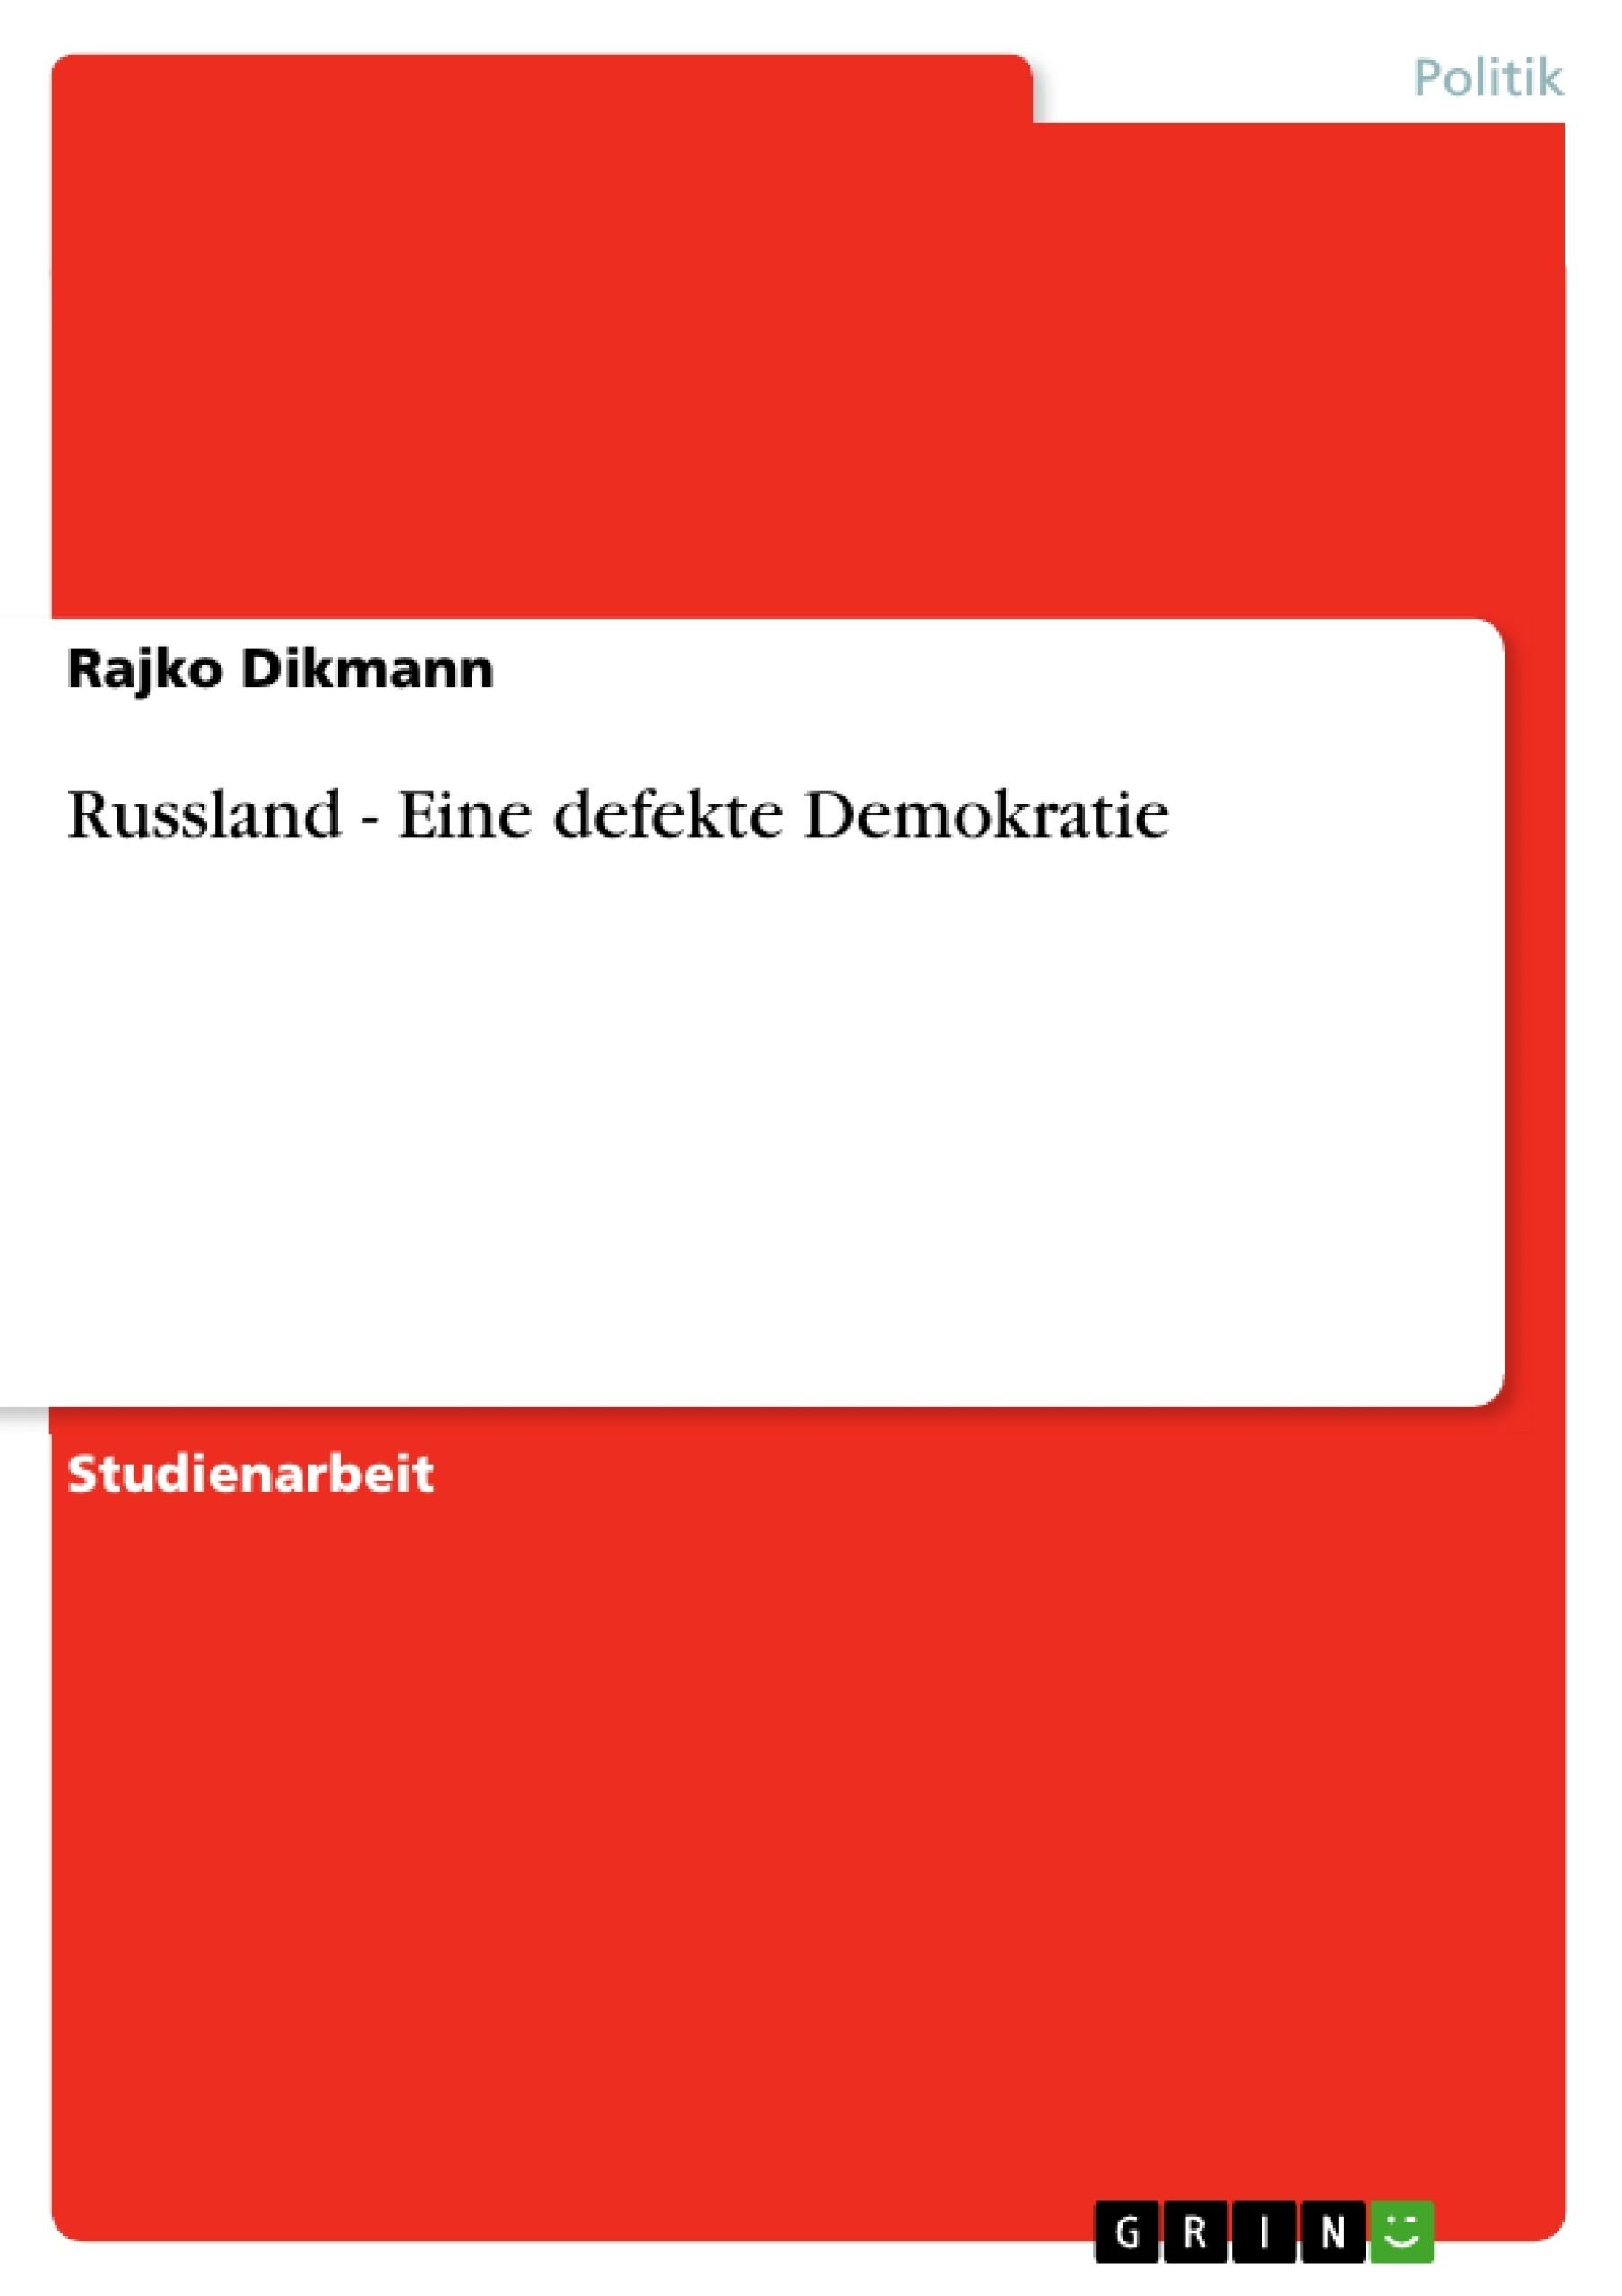 Titel: Russland - Eine defekte Demokratie